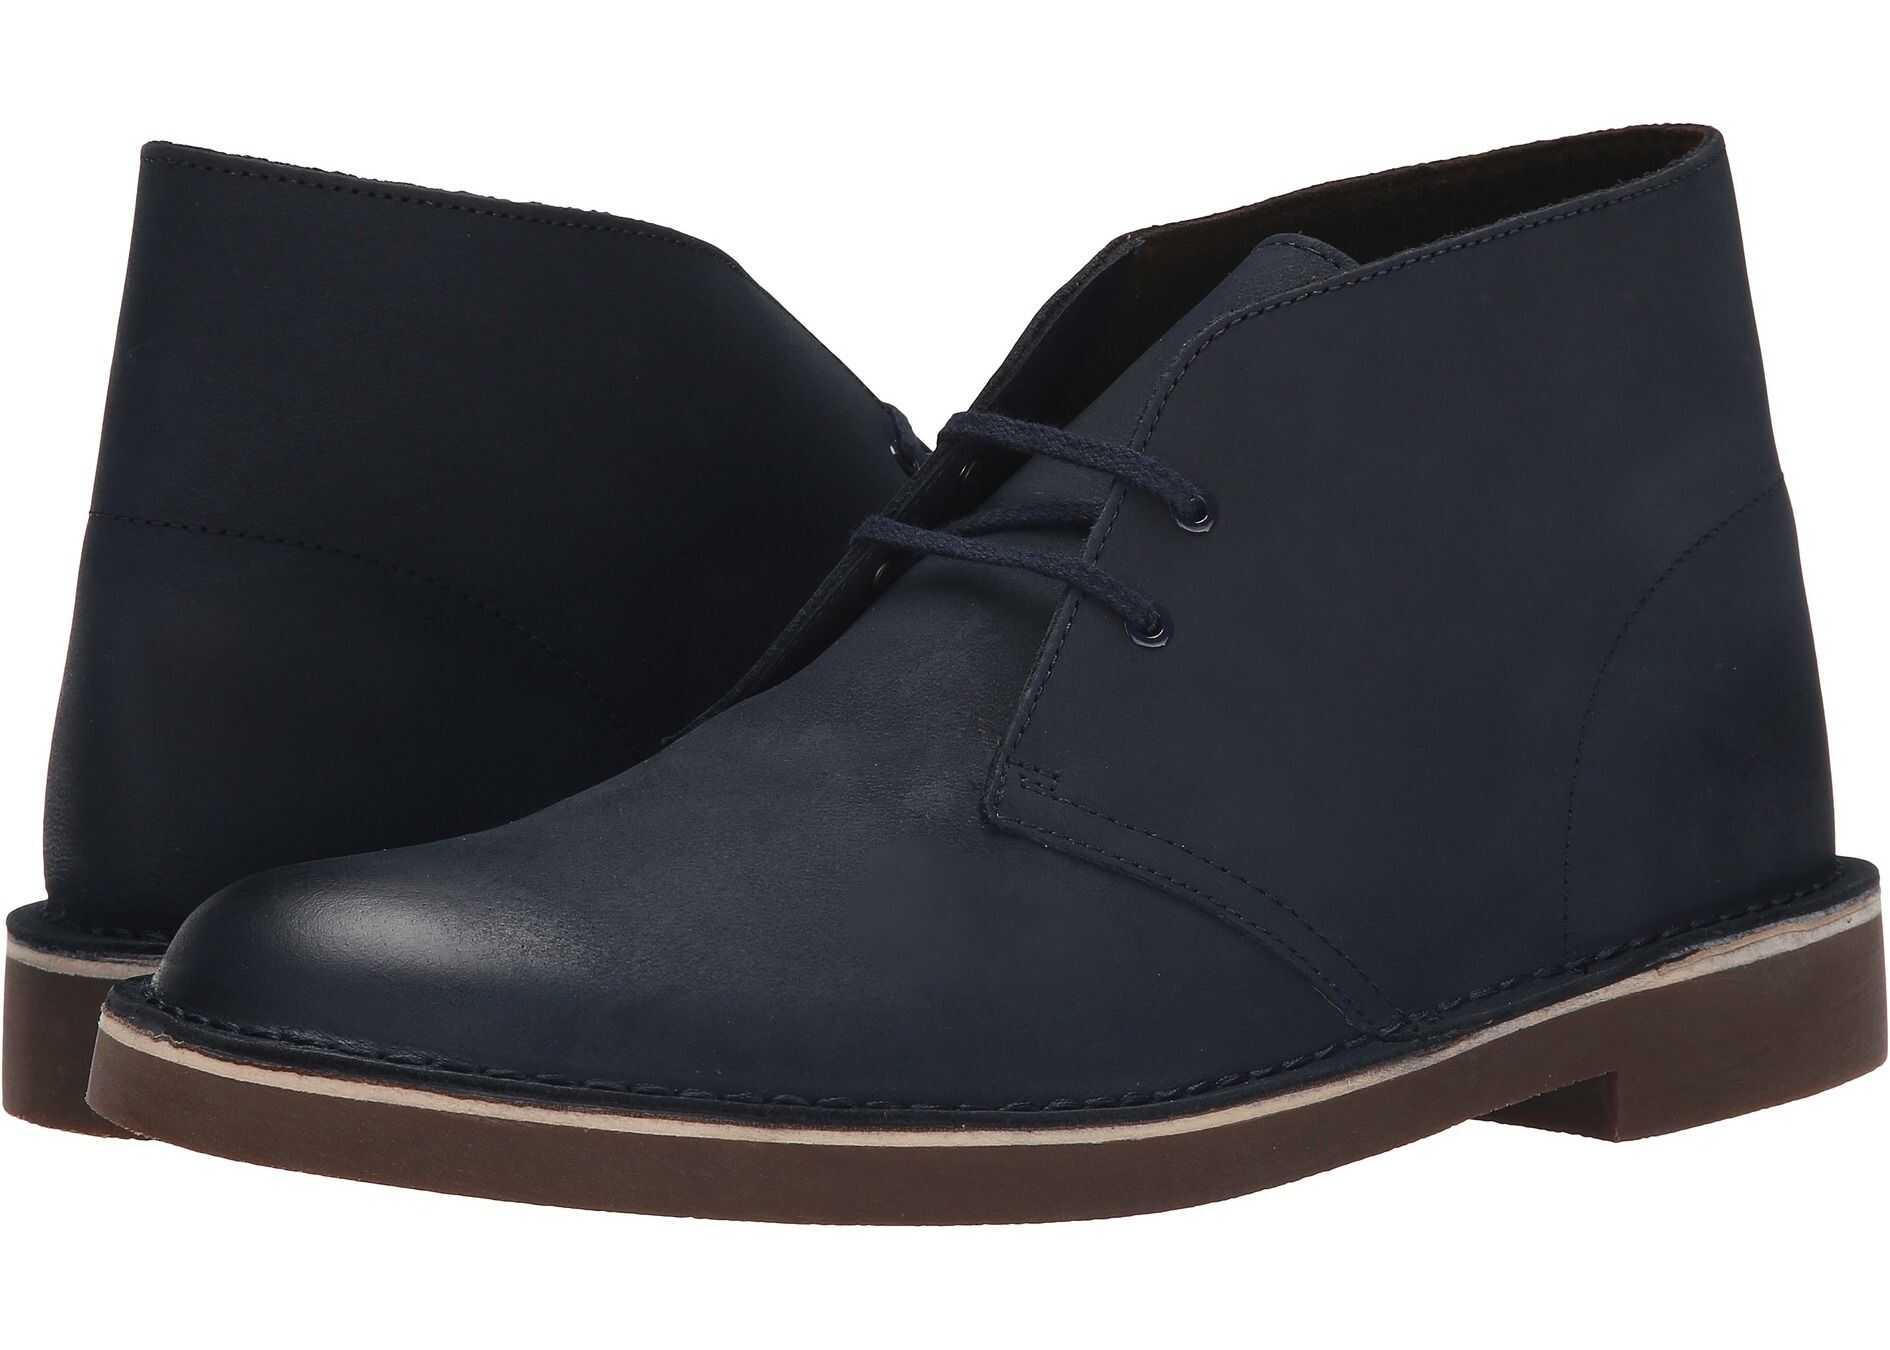 Clarks Bushacre 2 Navy Leather